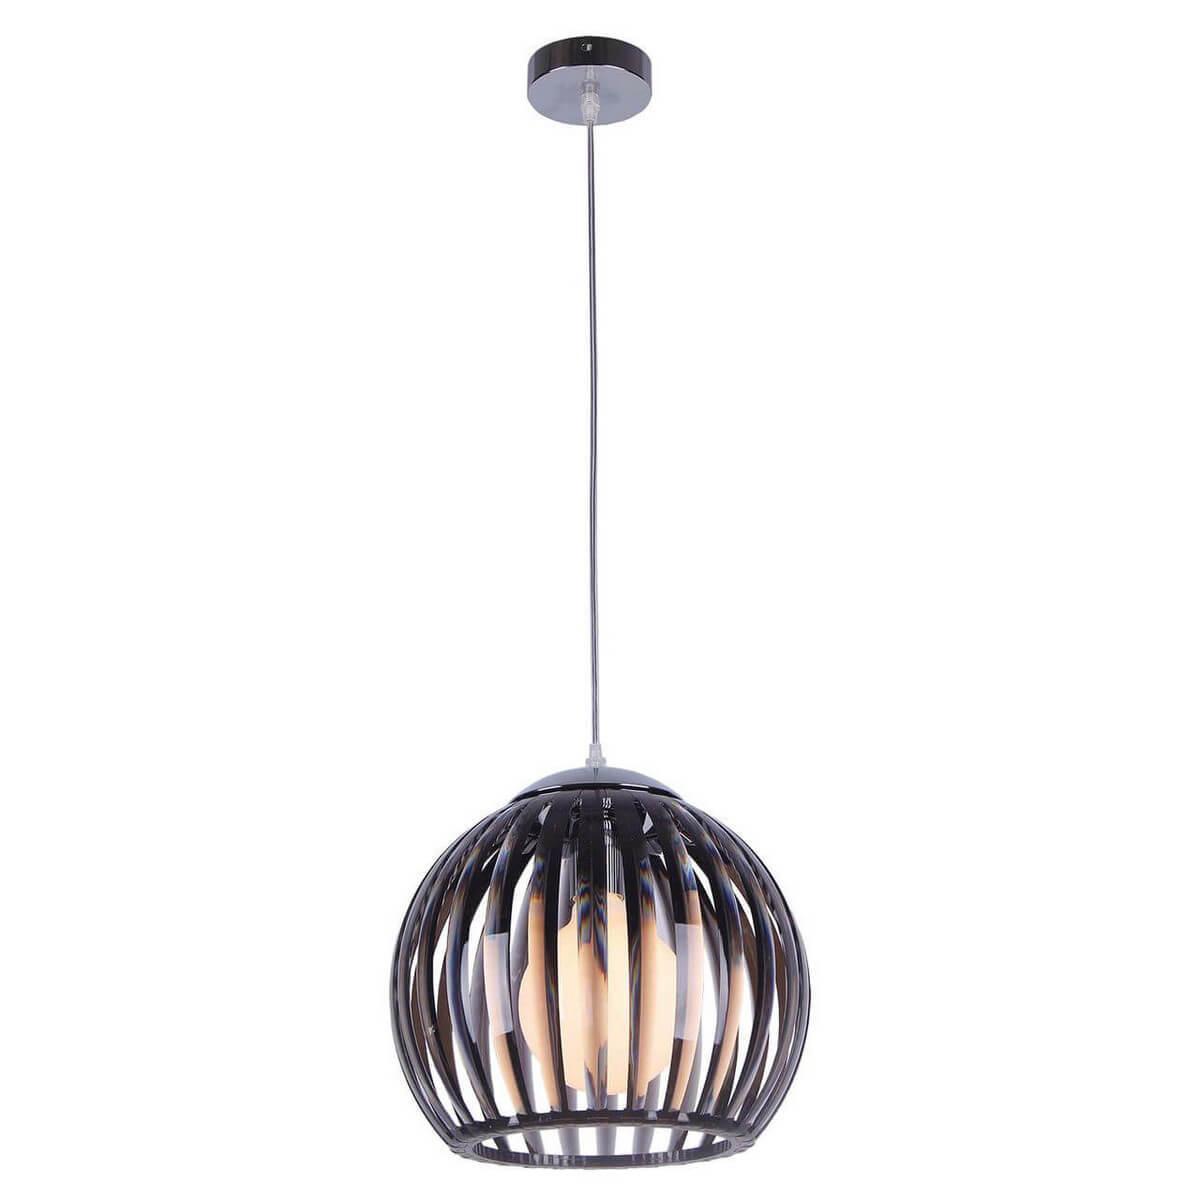 Подвесной светильник Lussole GRLSP-0160, E27, 11 Вт подвесной светильник lussole grlsp 9894 коричневый